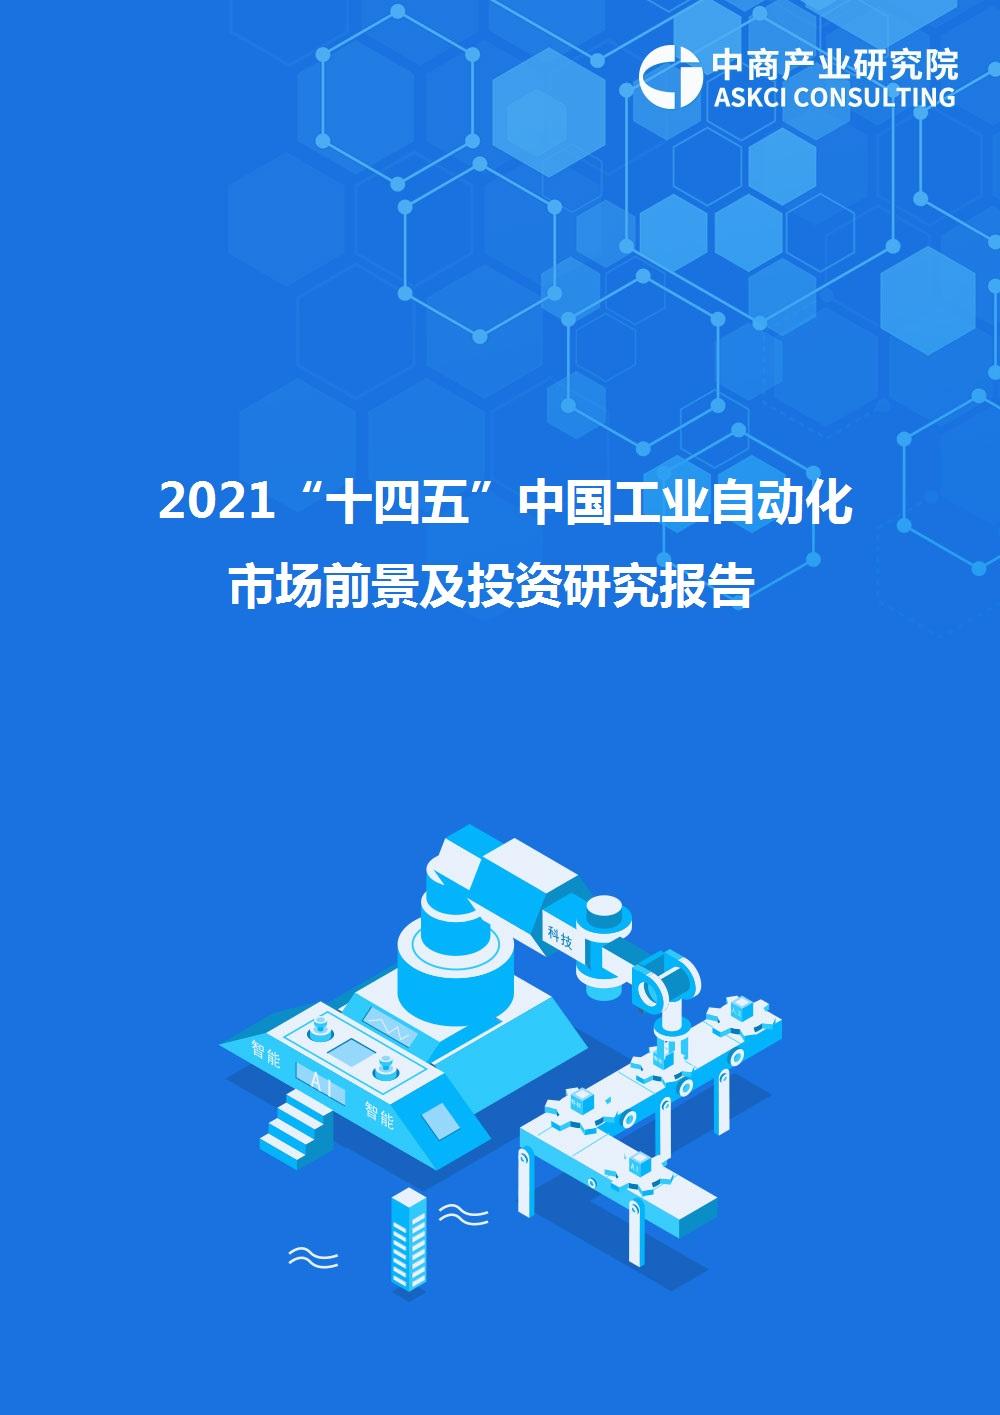 """2021""""十四五""""中国工业自动化市场前景及投资研究报告"""